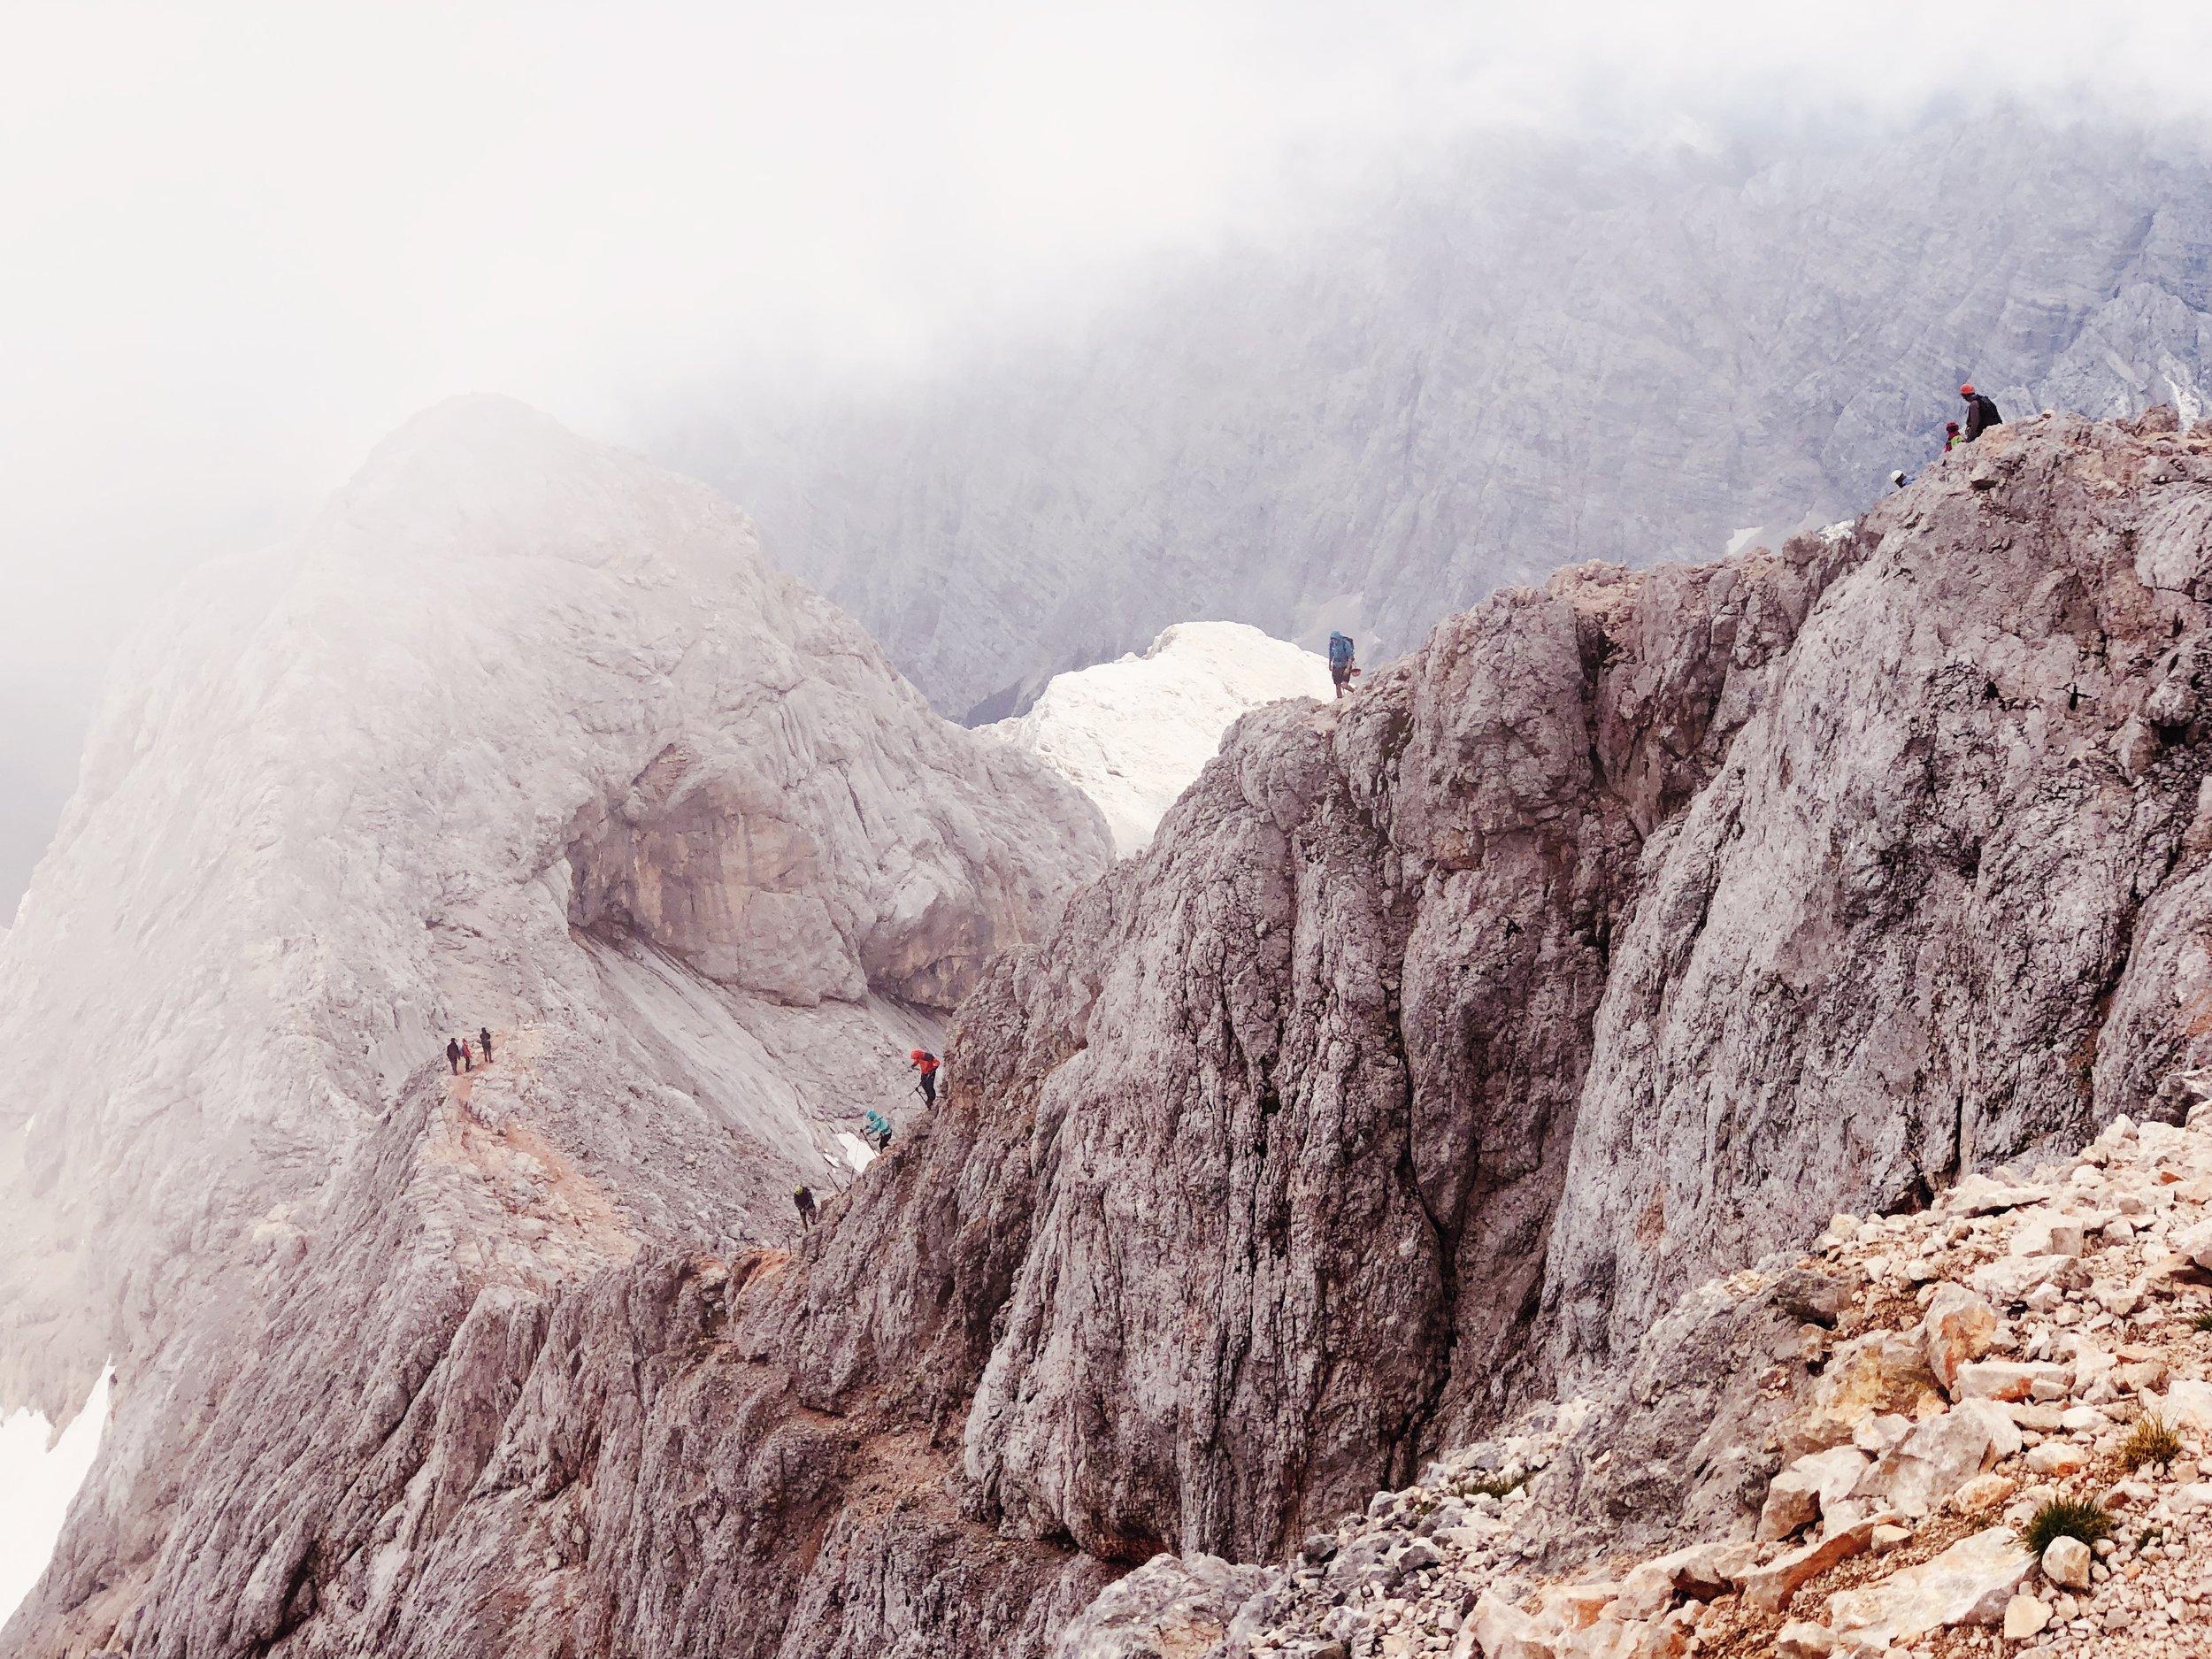 slovenia triglav trail running trip vacation runcation